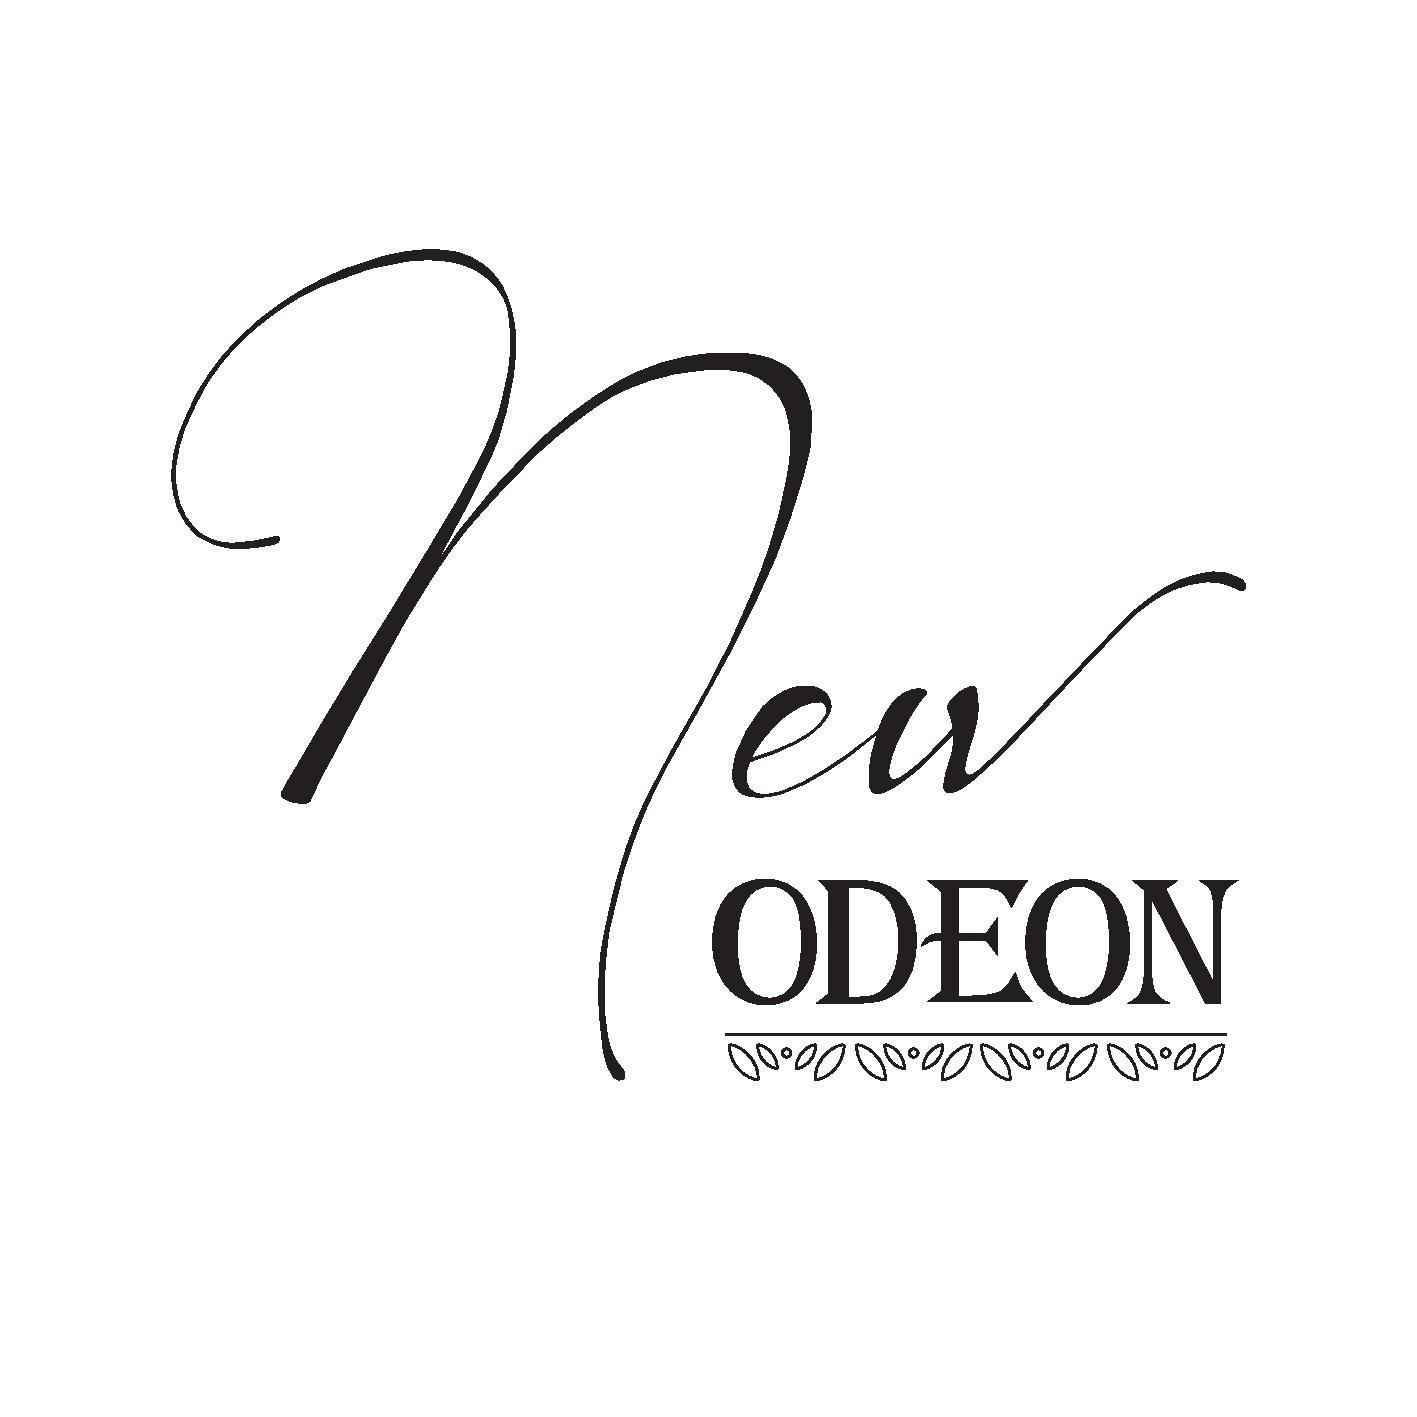 WedReviews - גני אירועים ומקומות לחתונה - אודאון | odeon